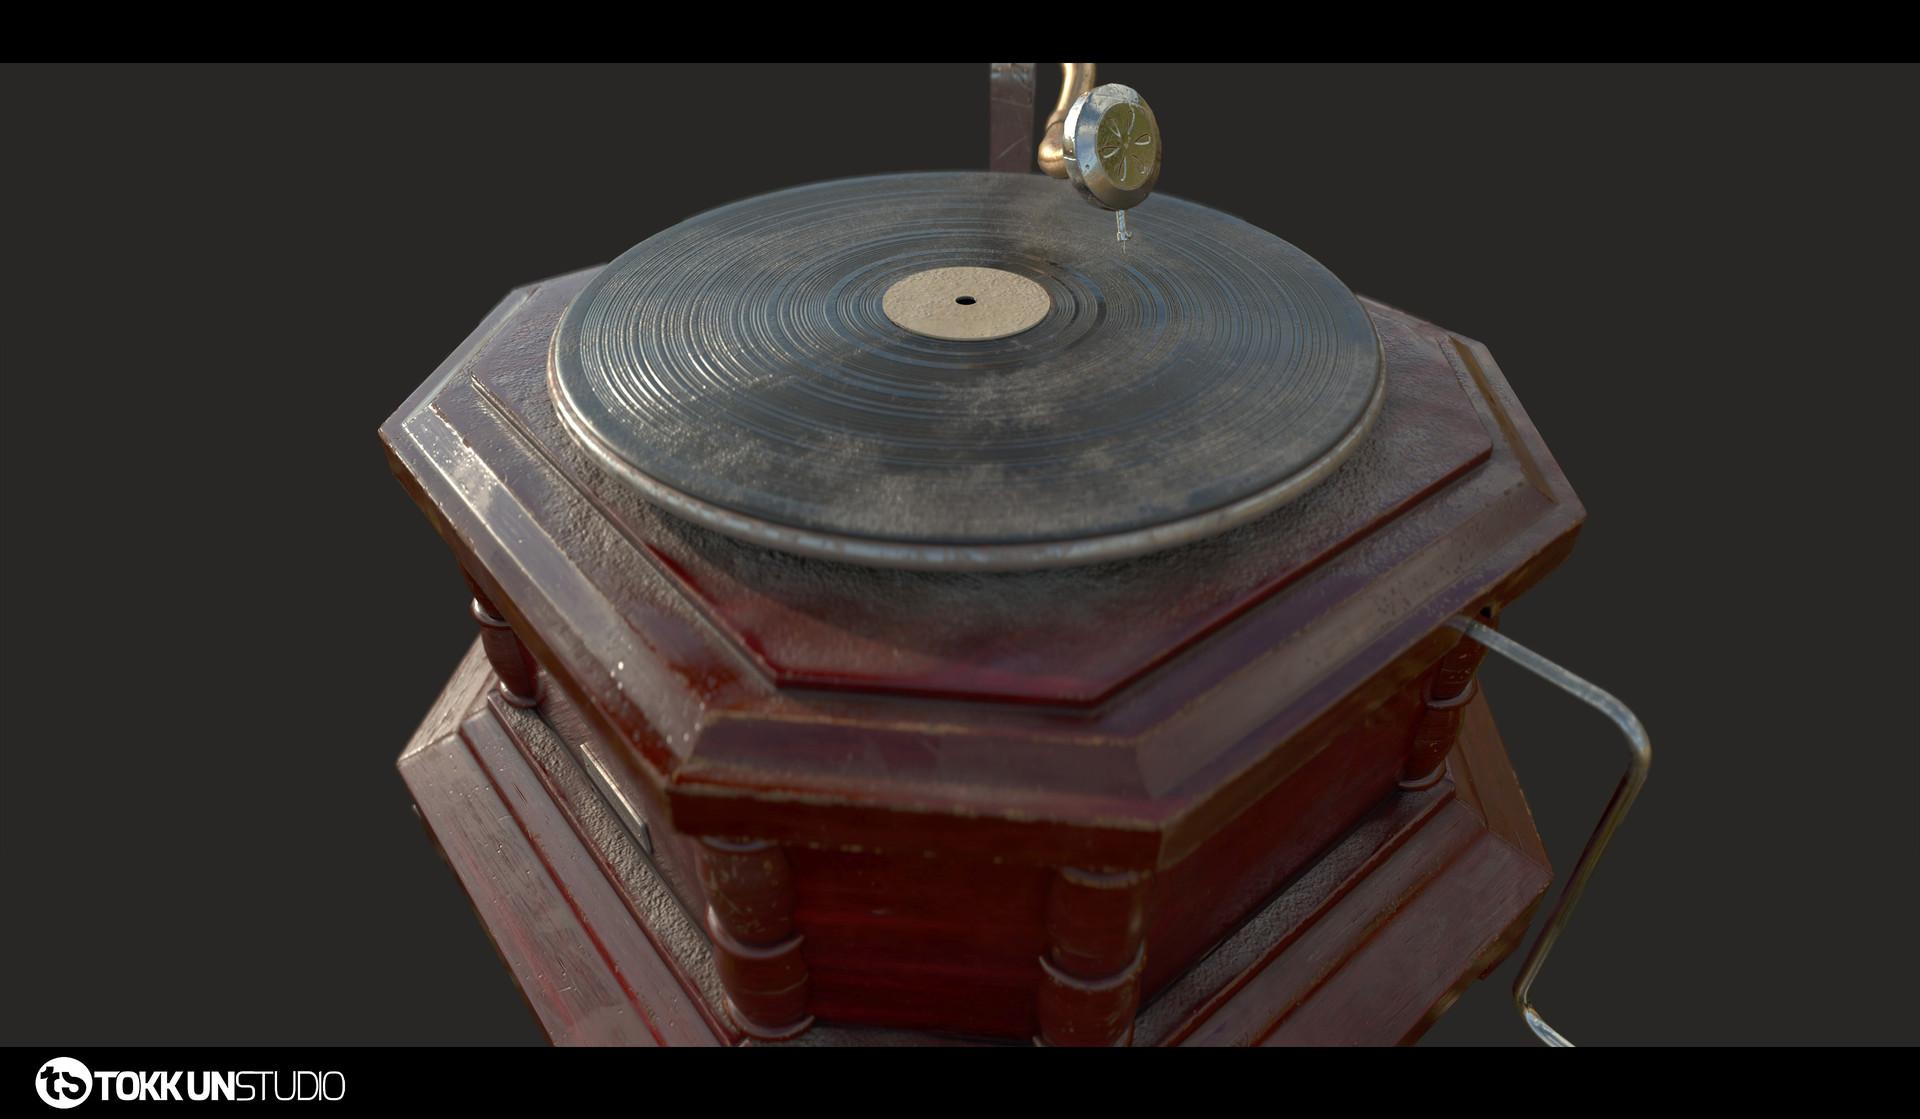 Tokkun studio tokkunstudio gramophone 06